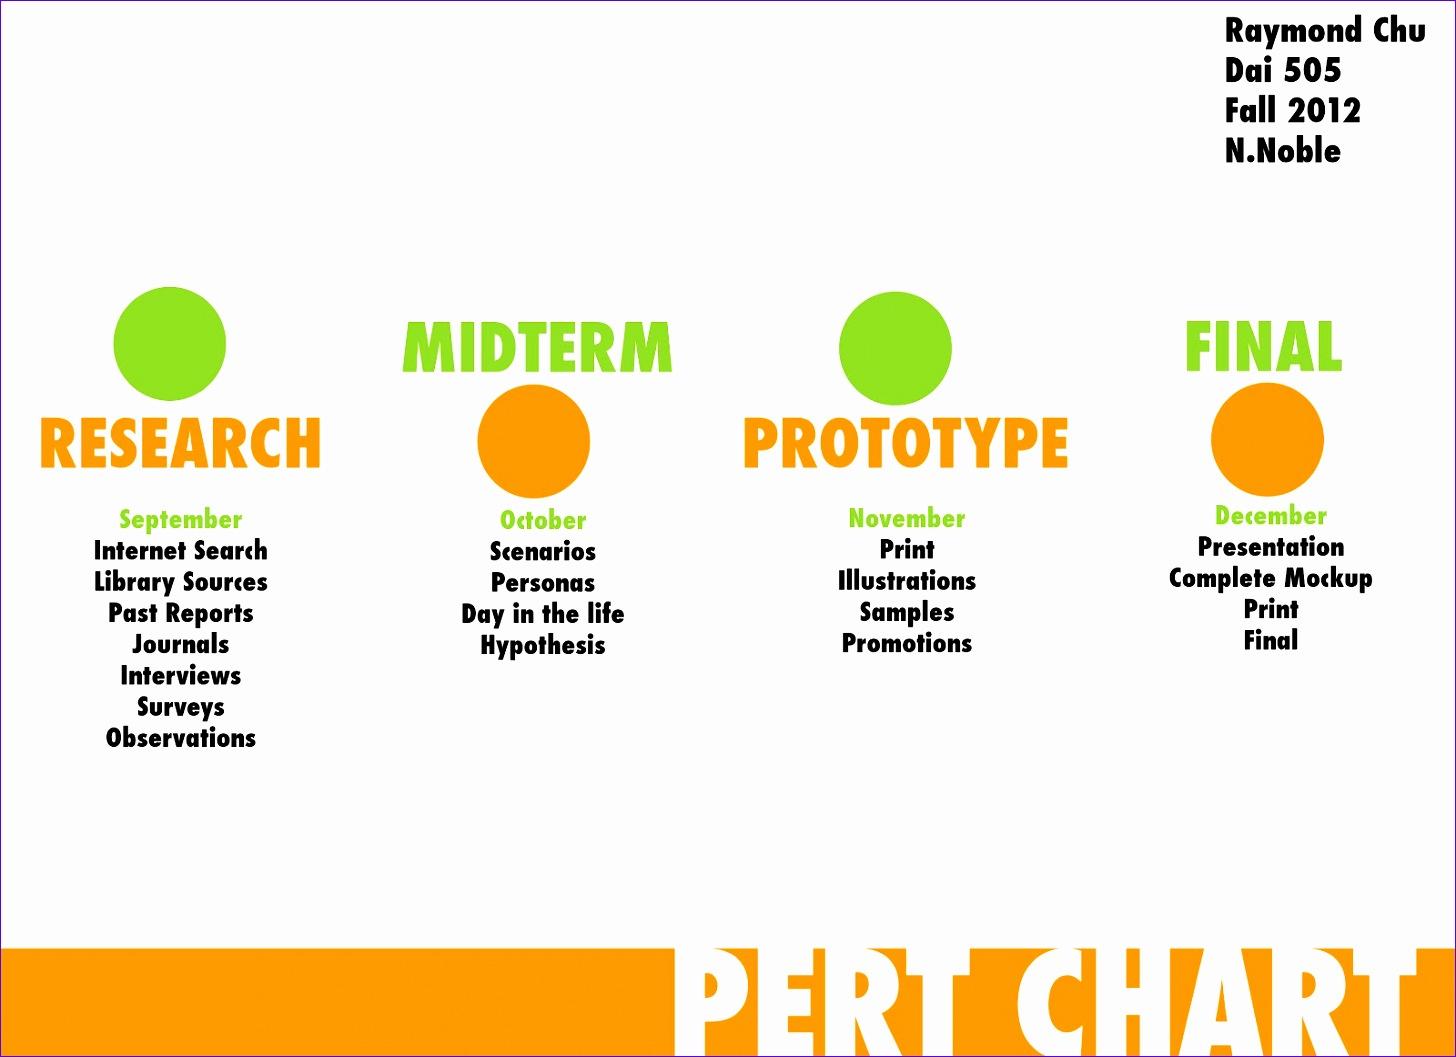 pert chart template excel 14561057